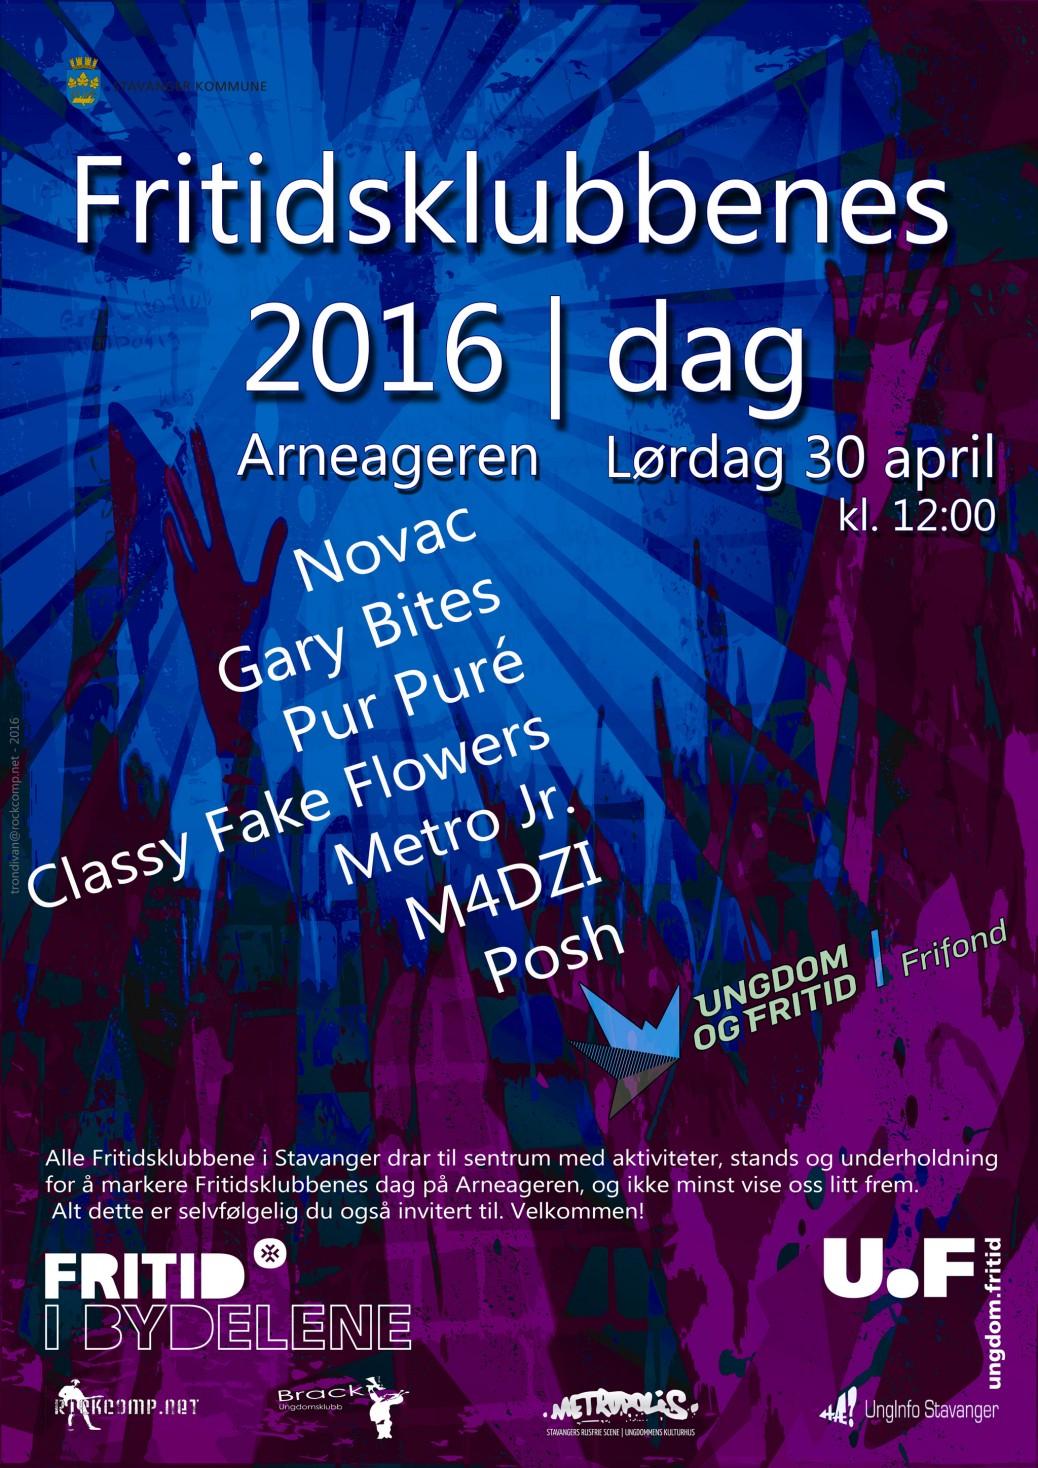 Vi feirer Fritidsklubbenes Dag 30 april